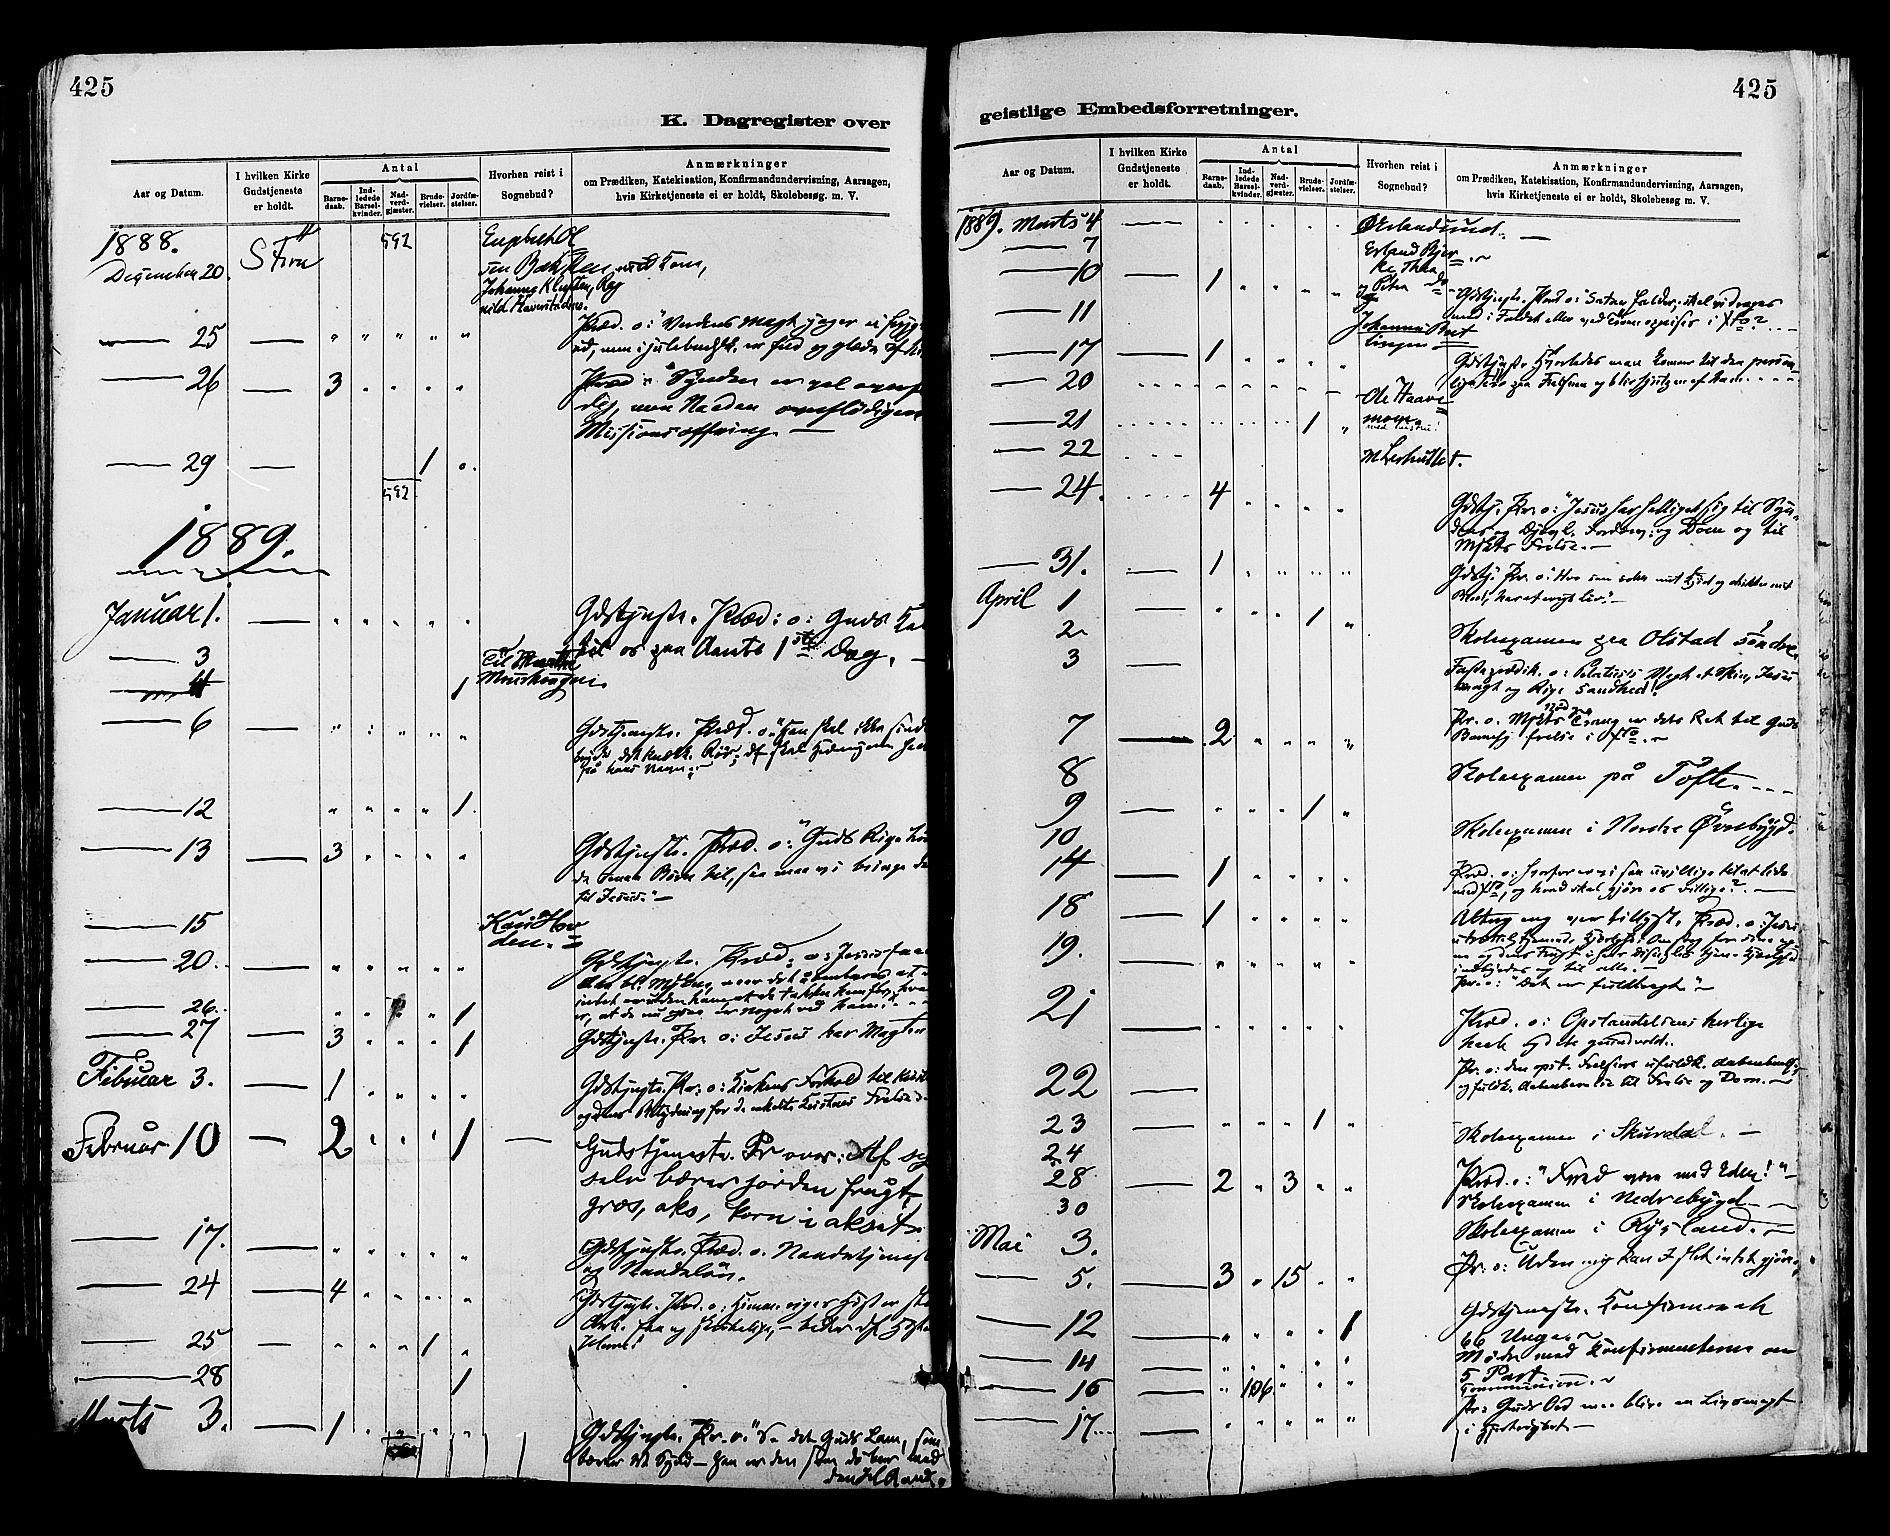 SAH, Sør-Fron prestekontor, H/Ha/Haa/L0003: Ministerialbok nr. 3, 1881-1897, s. 425